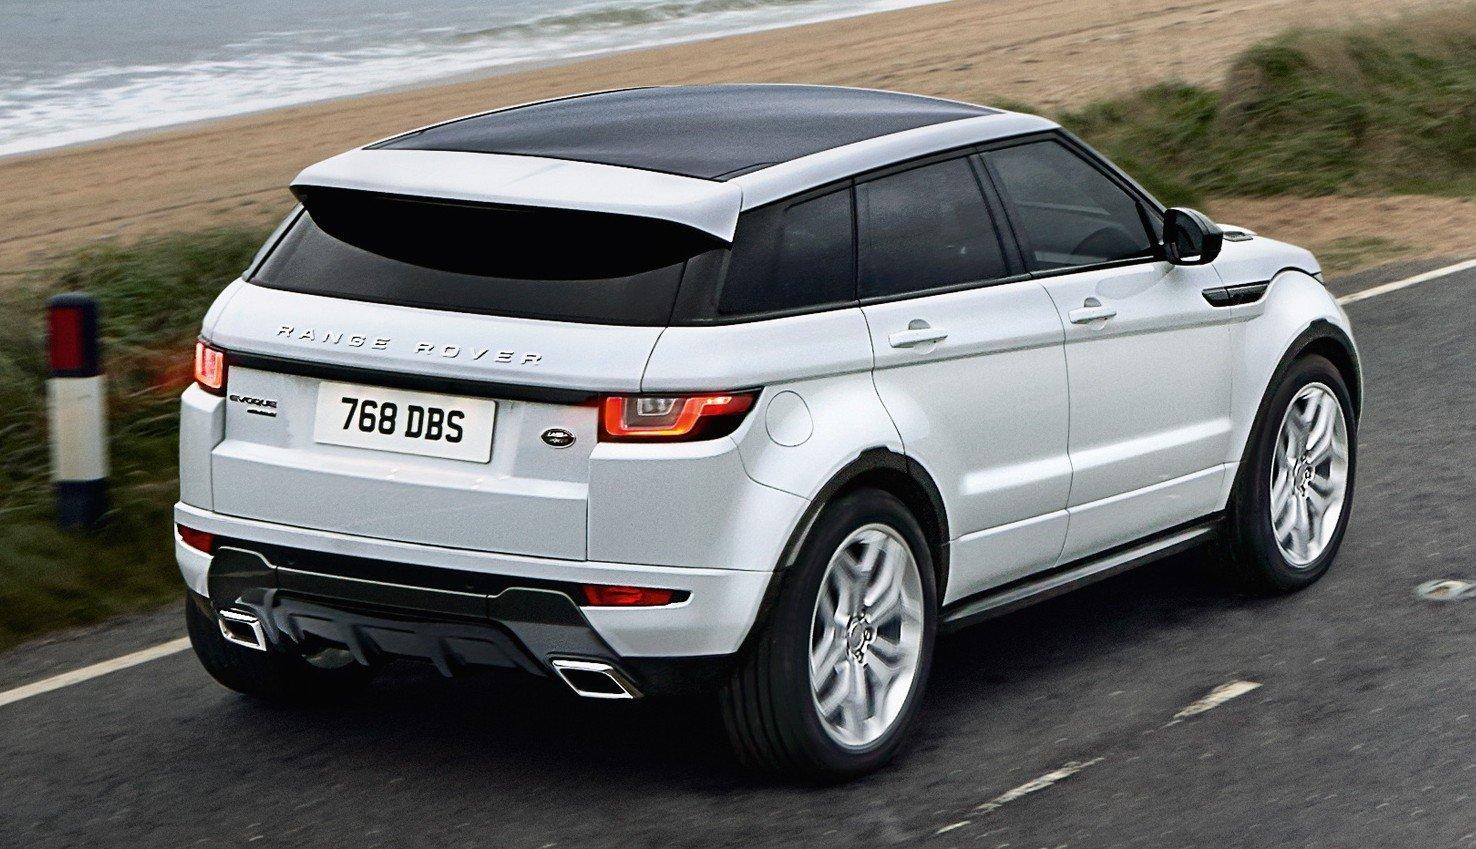 2016 Range Rover Evoque facelift gets subtle updates Image ...